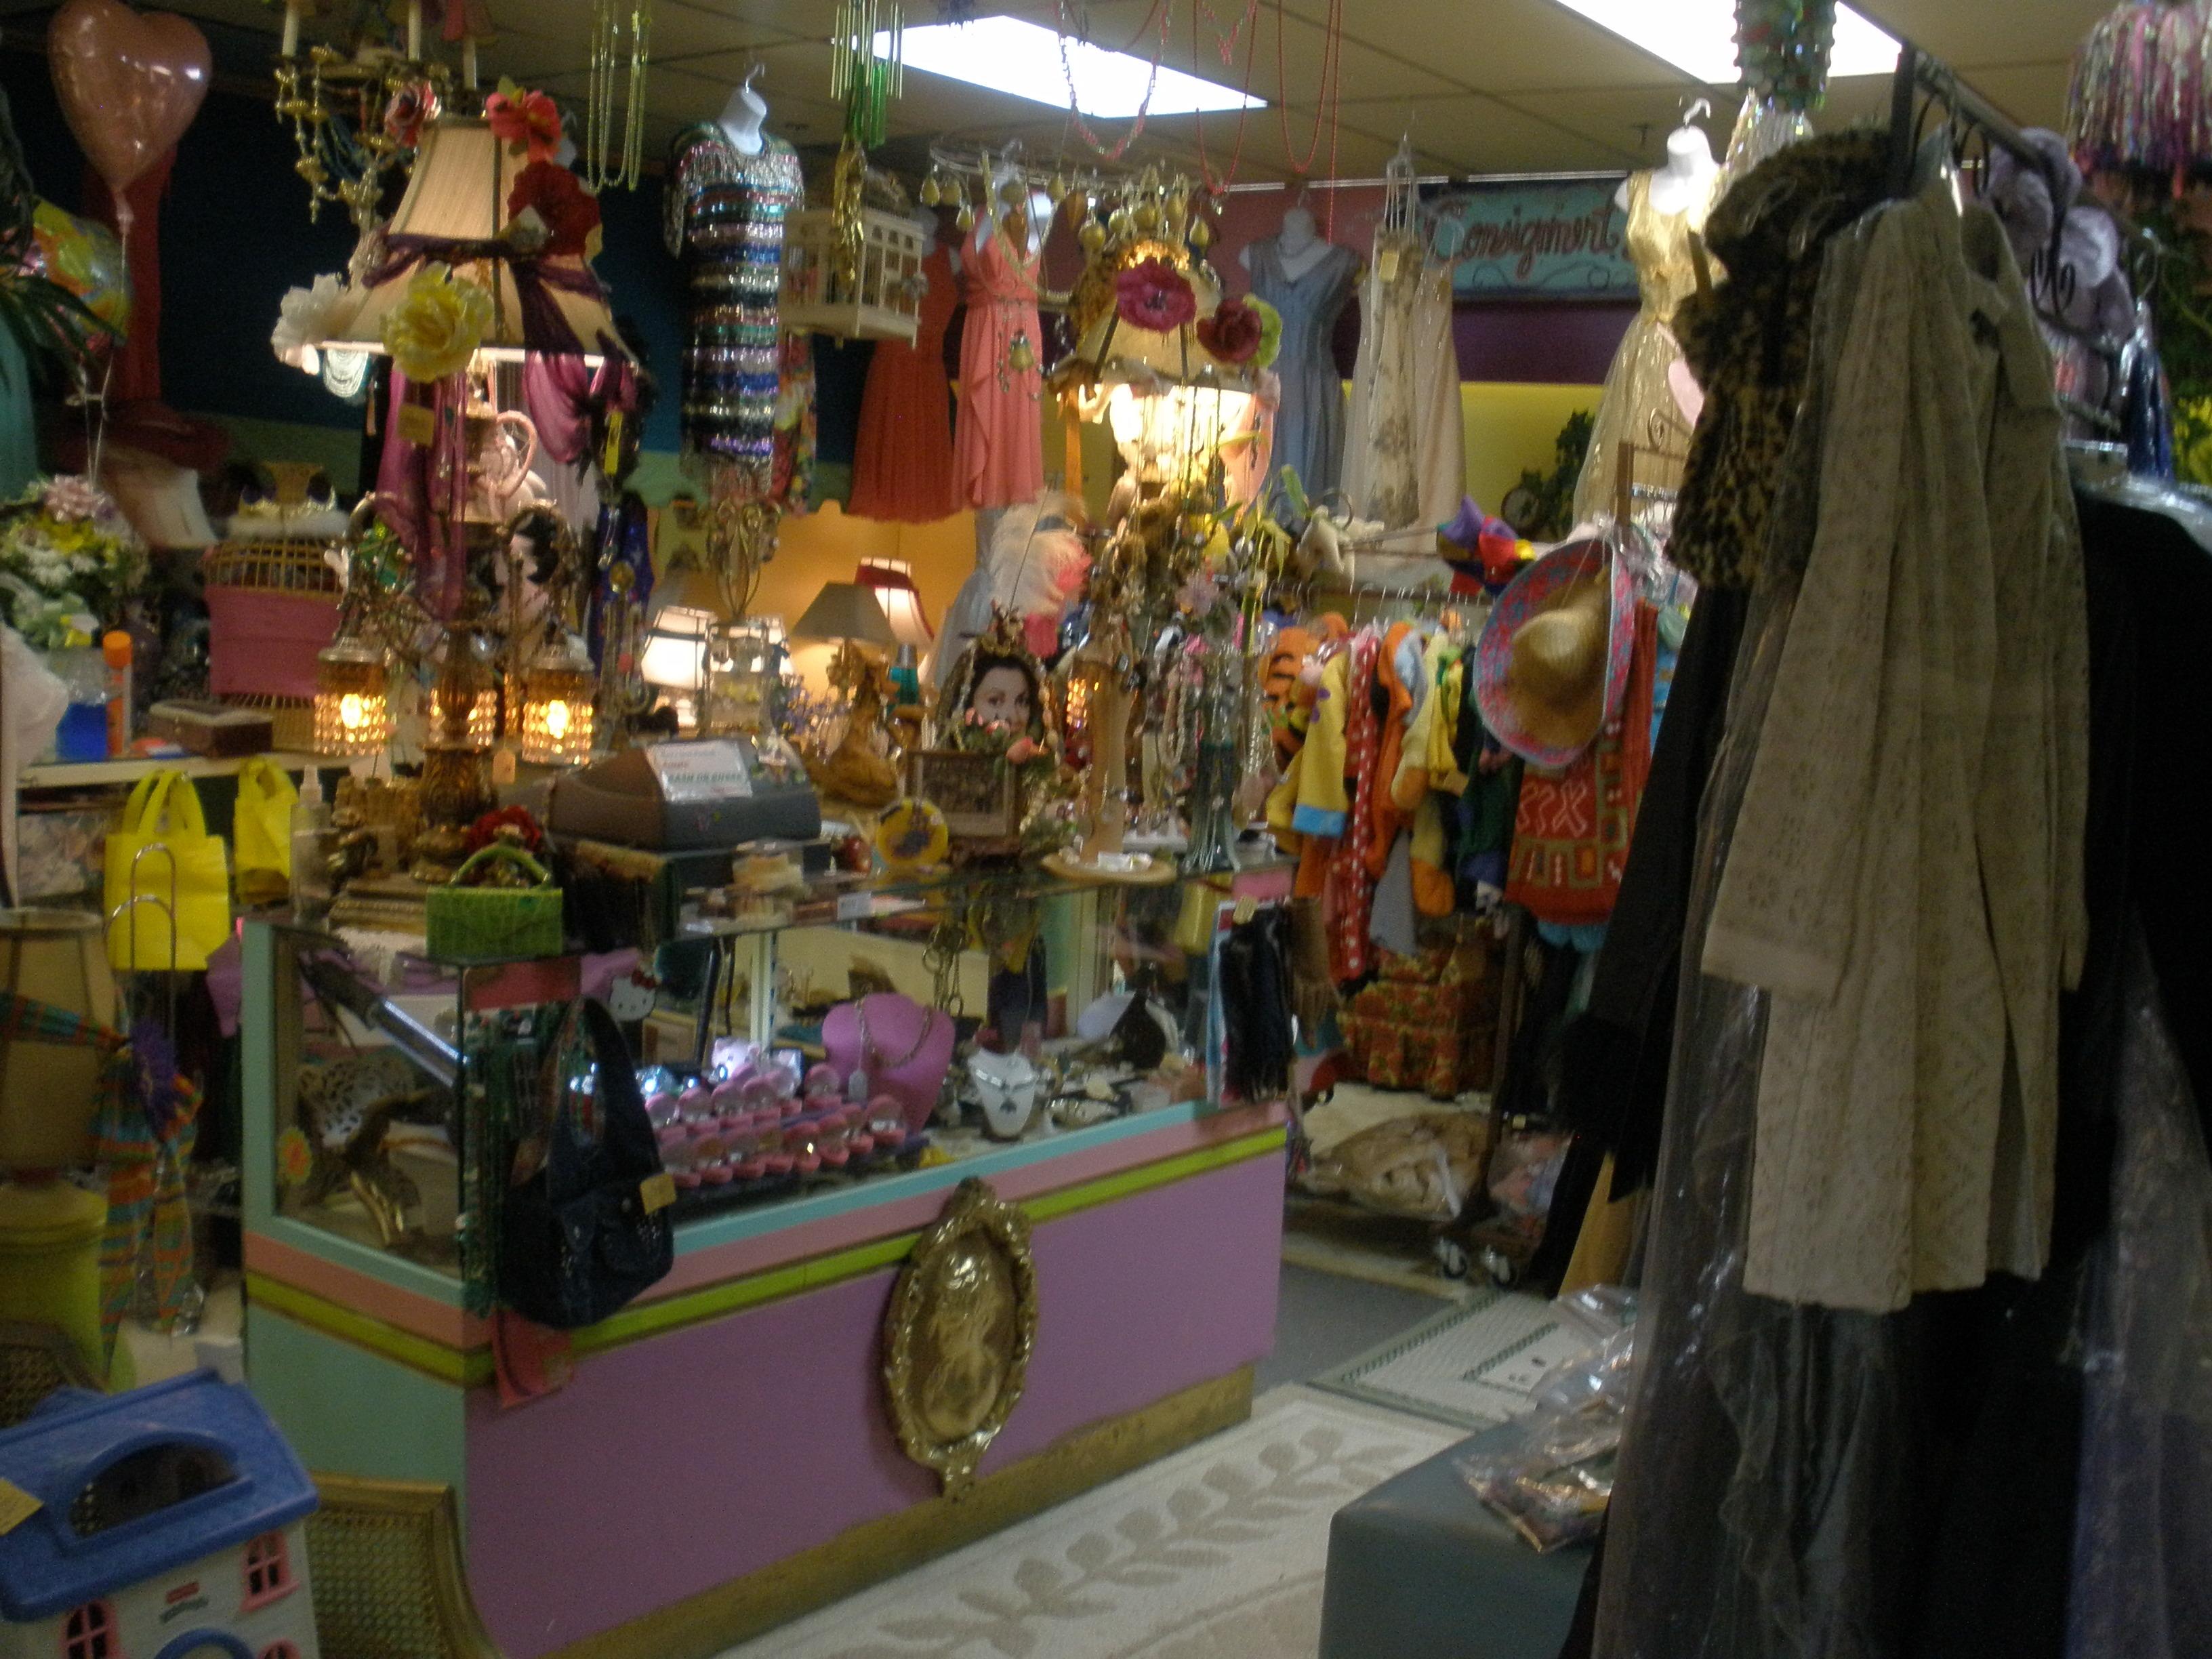 Marys Secret Wardrobe Thrift Boutique - ad image